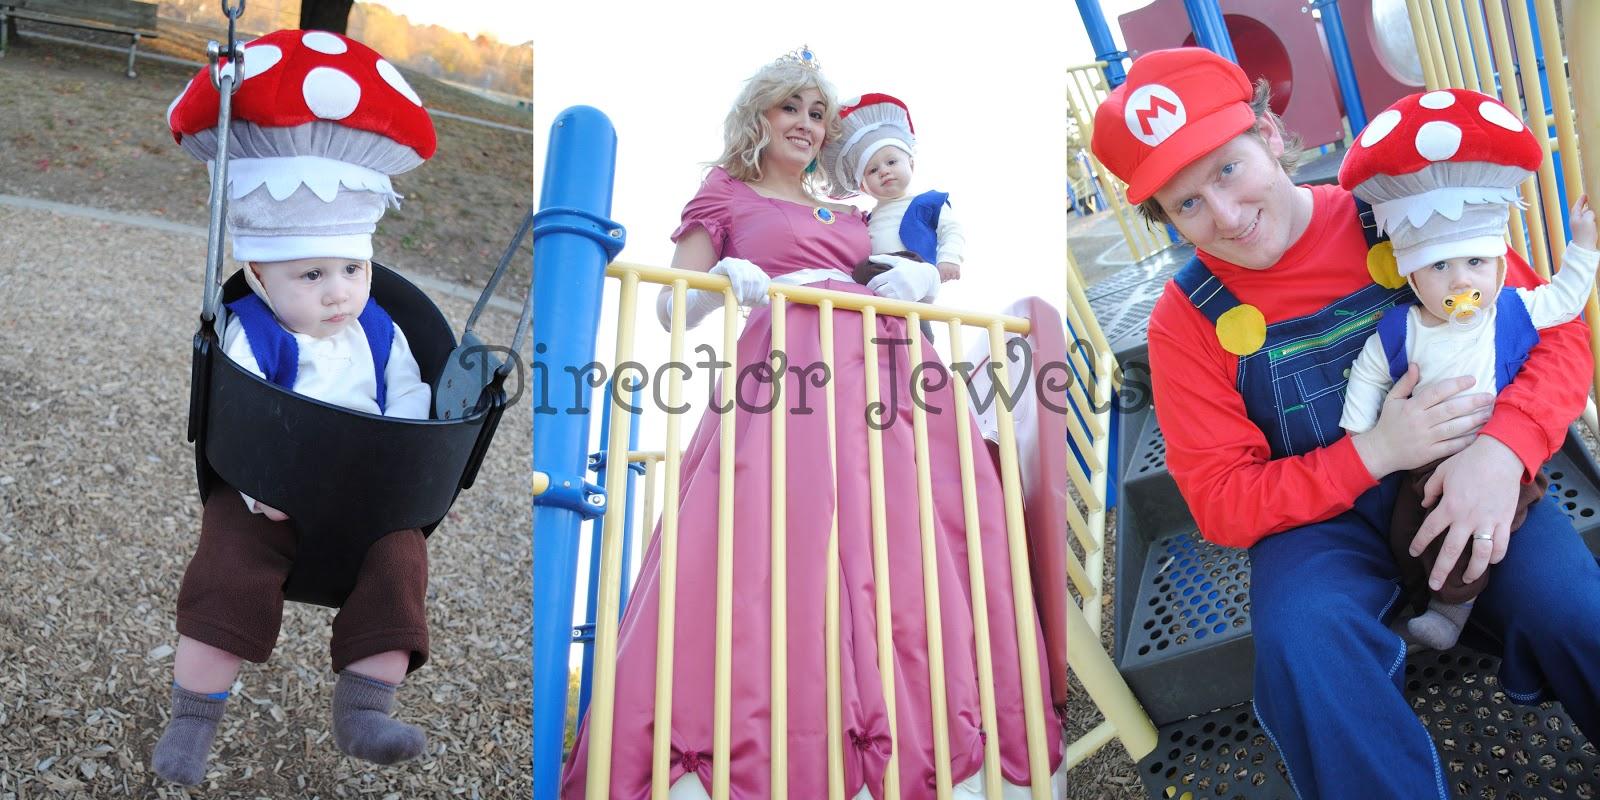 Itu0027s-a-Nintendo Super Mario Brothers Halloween!  sc 1 st  Director Jewels & Director Jewels: Itu0027s-a-Nintendo Super Mario Brothers Halloween!